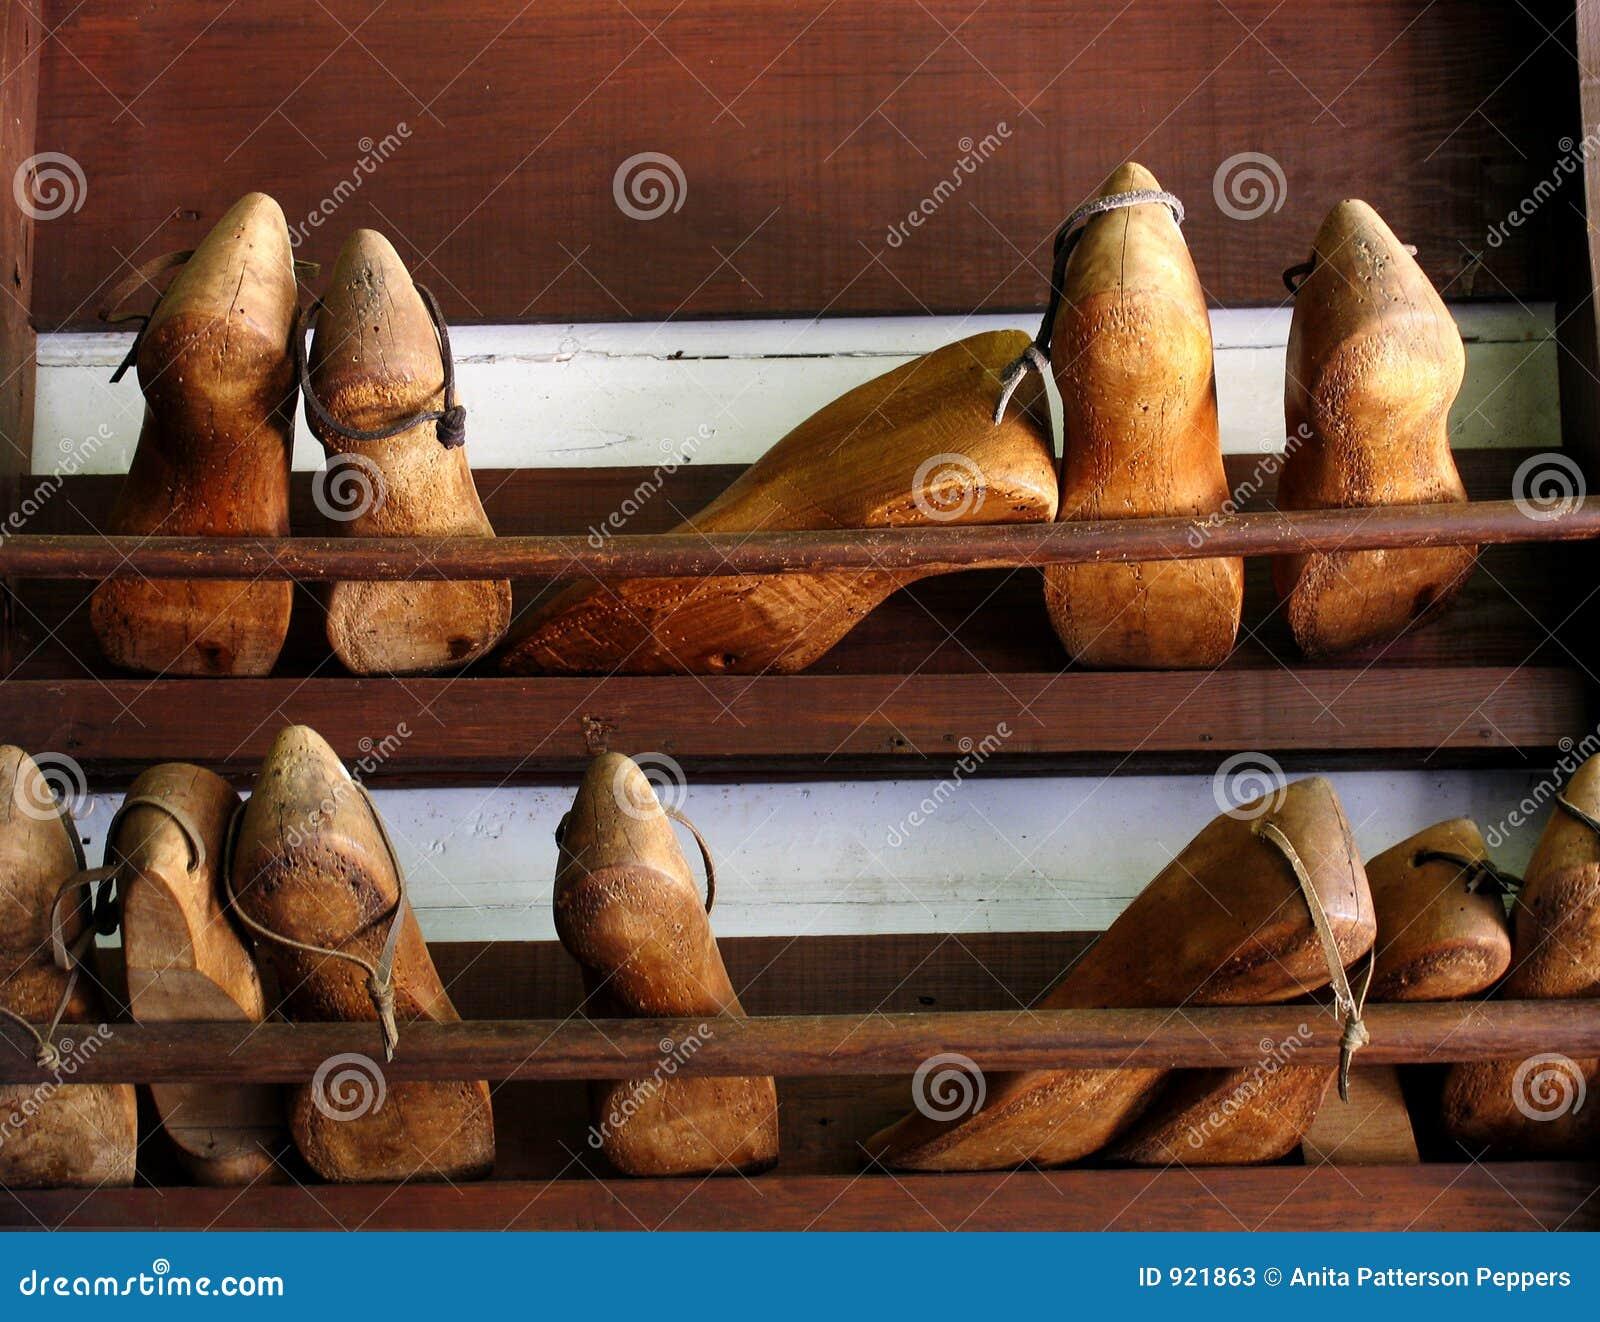 Cobbler shoe forms